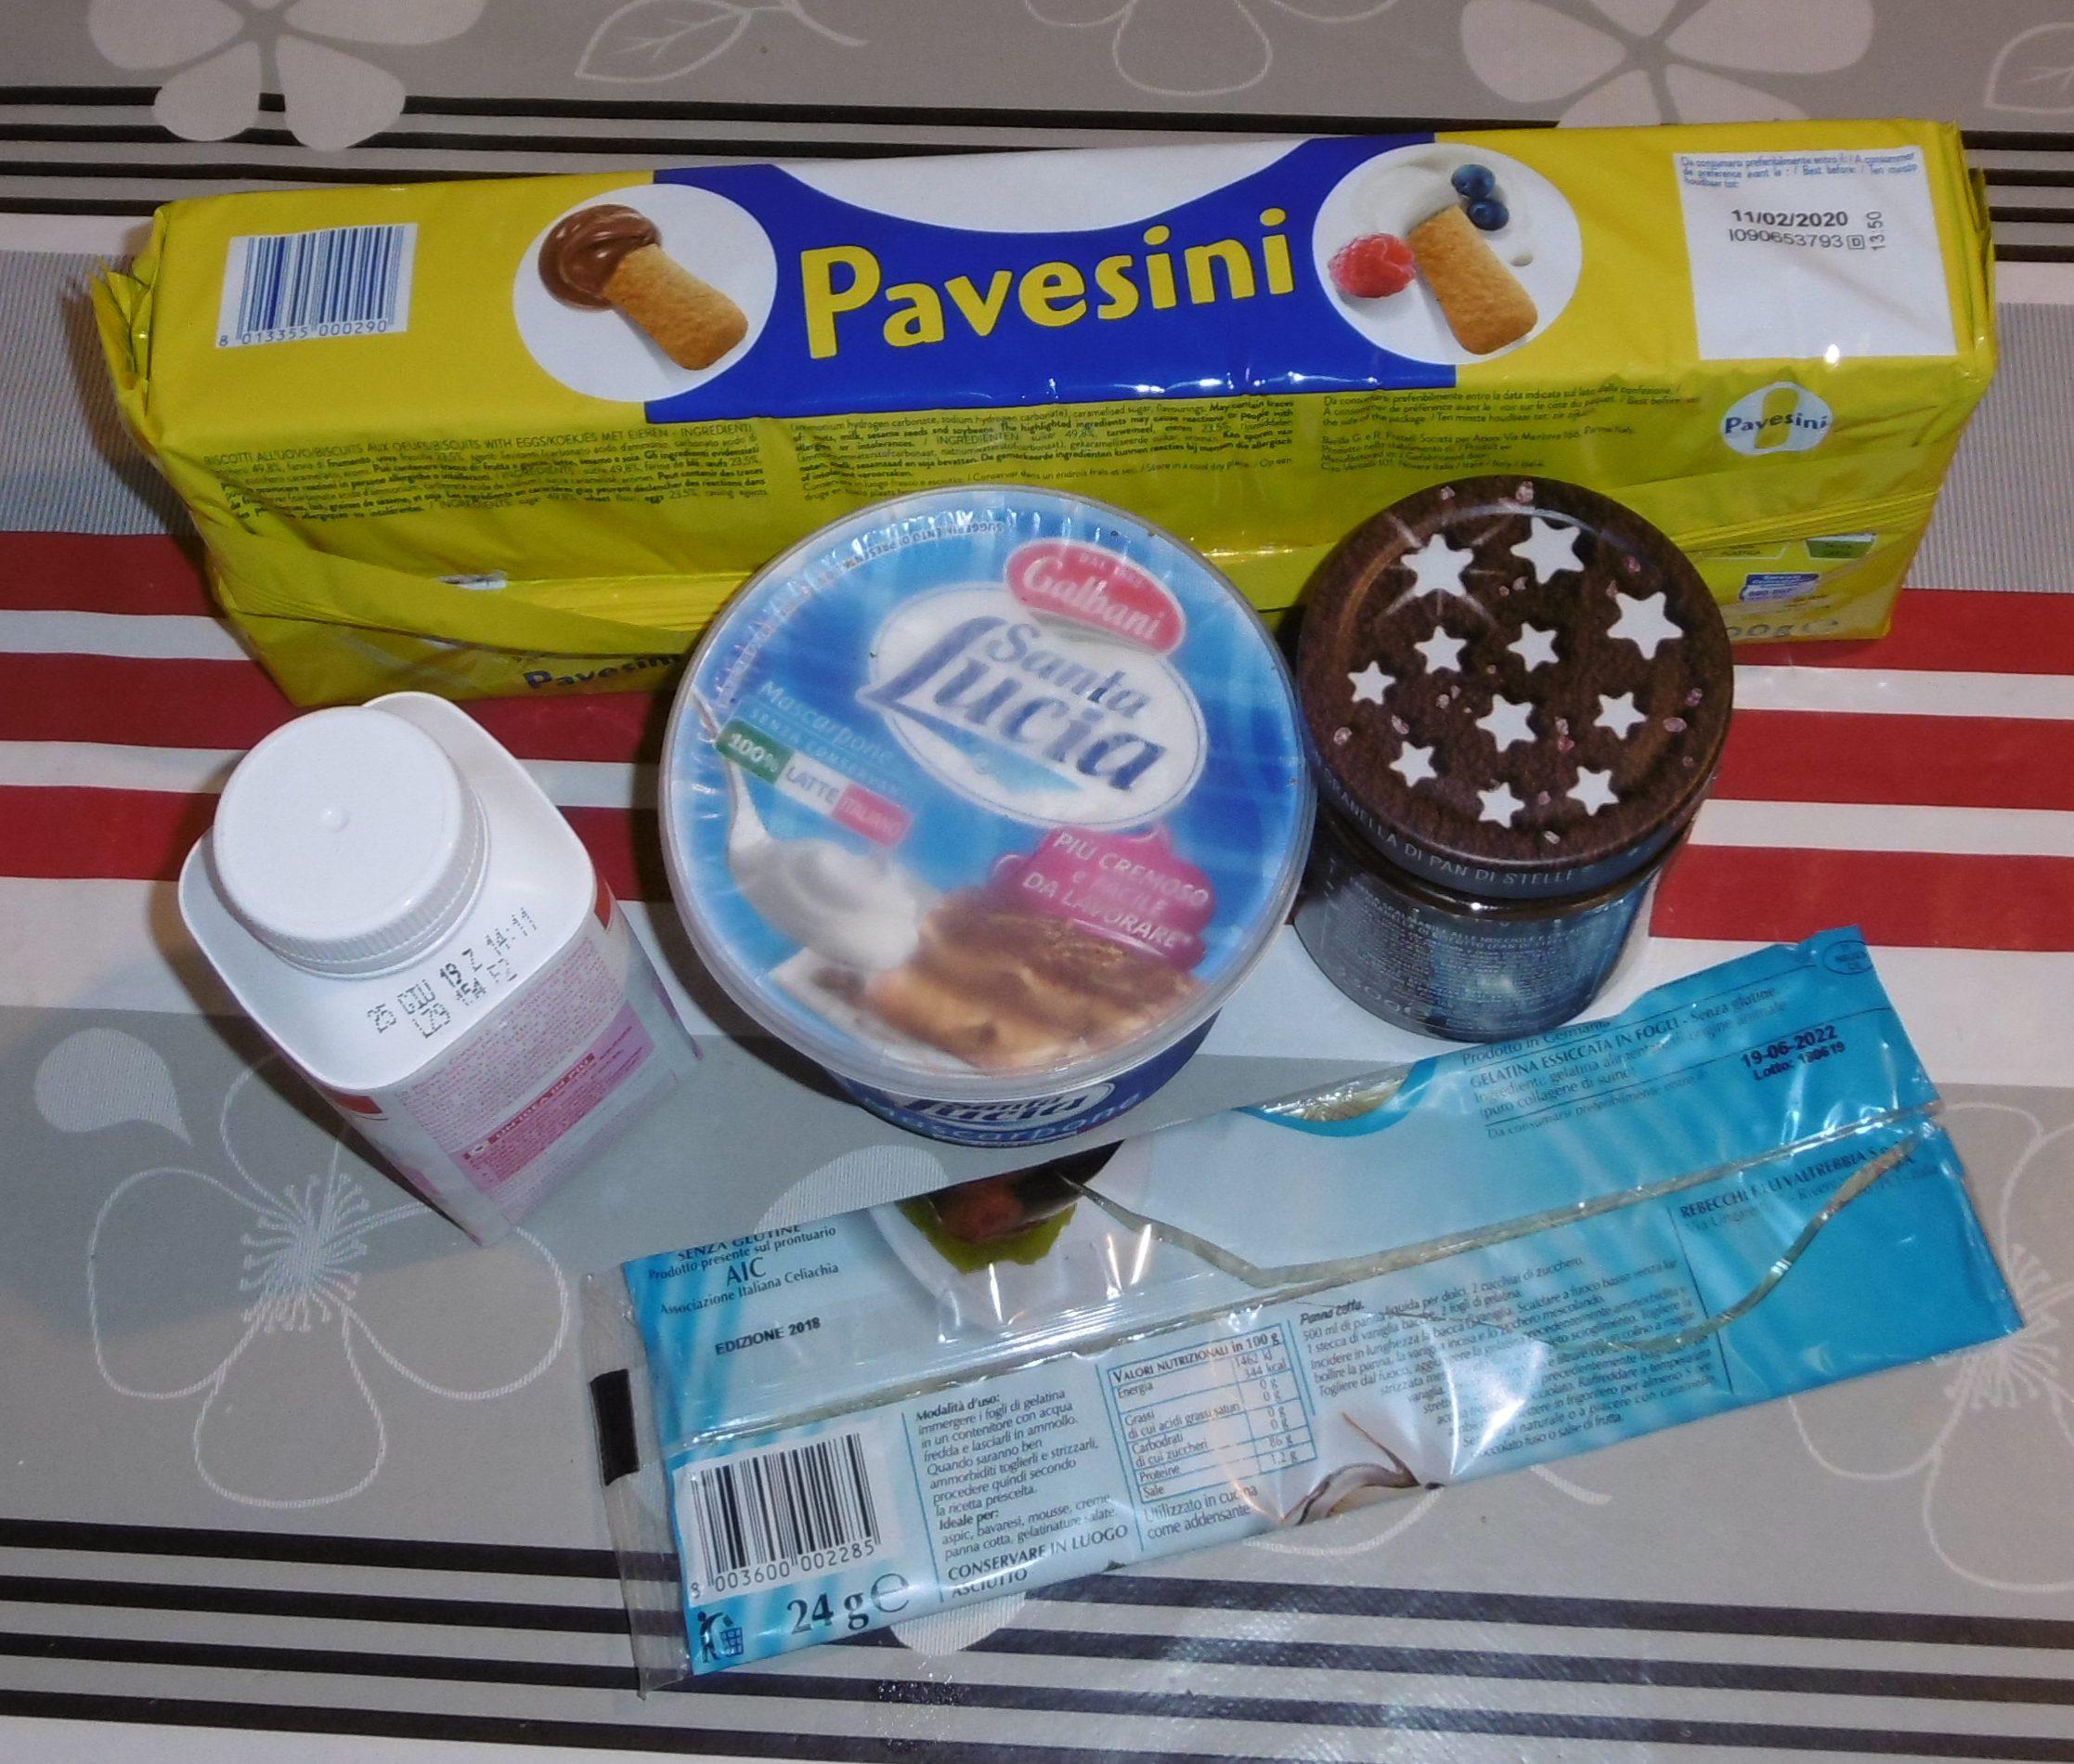 Semifreddo con pavesini, mascarpone e crema pan di stelle - Ingredienti